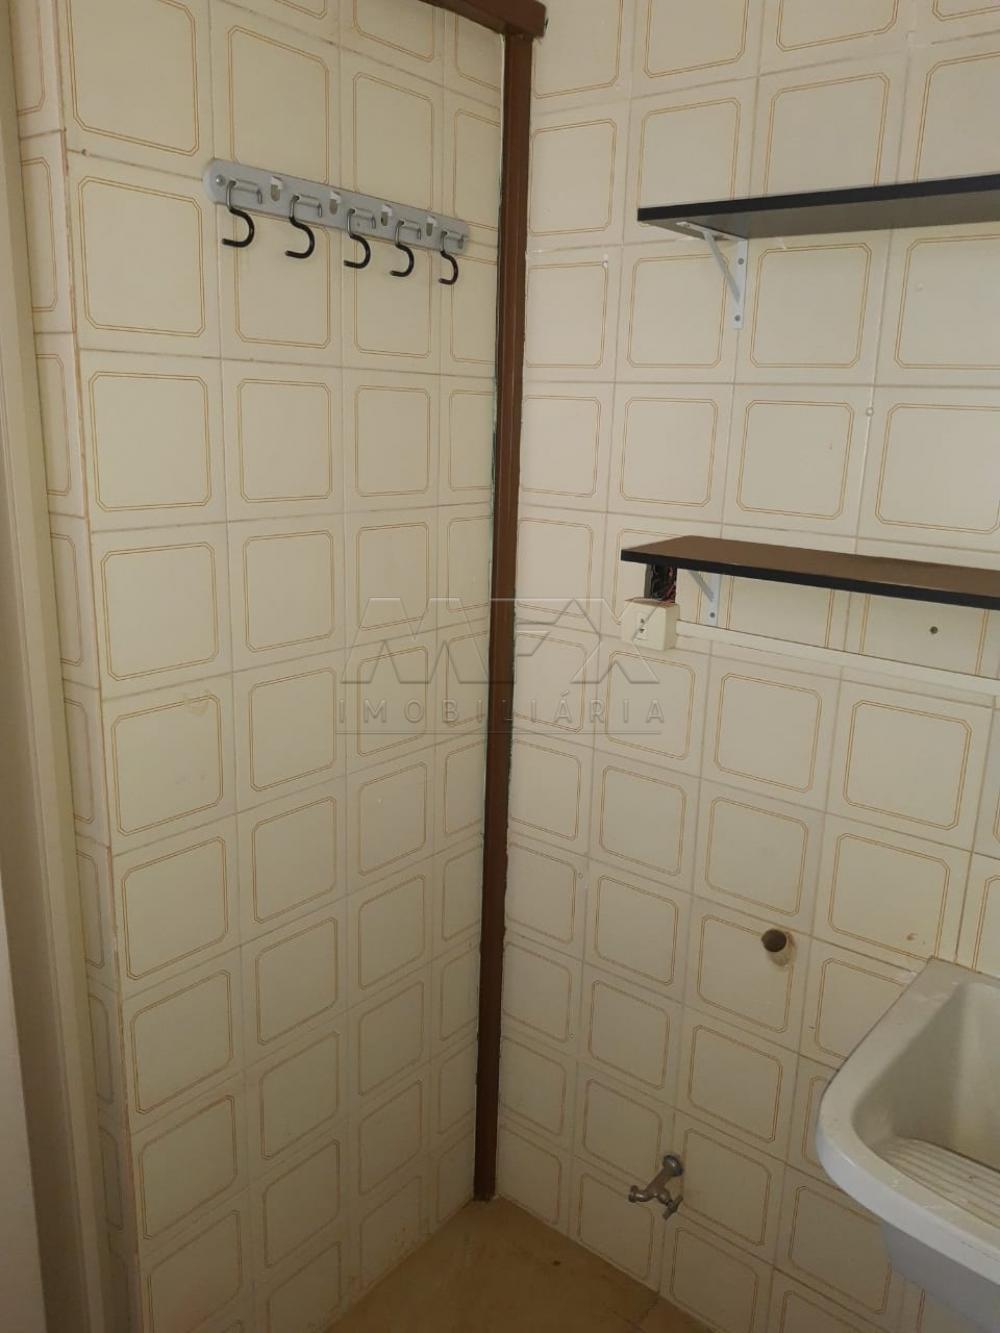 Comprar Apartamento / Padrão em Bauru R$ 154.000,00 - Foto 7